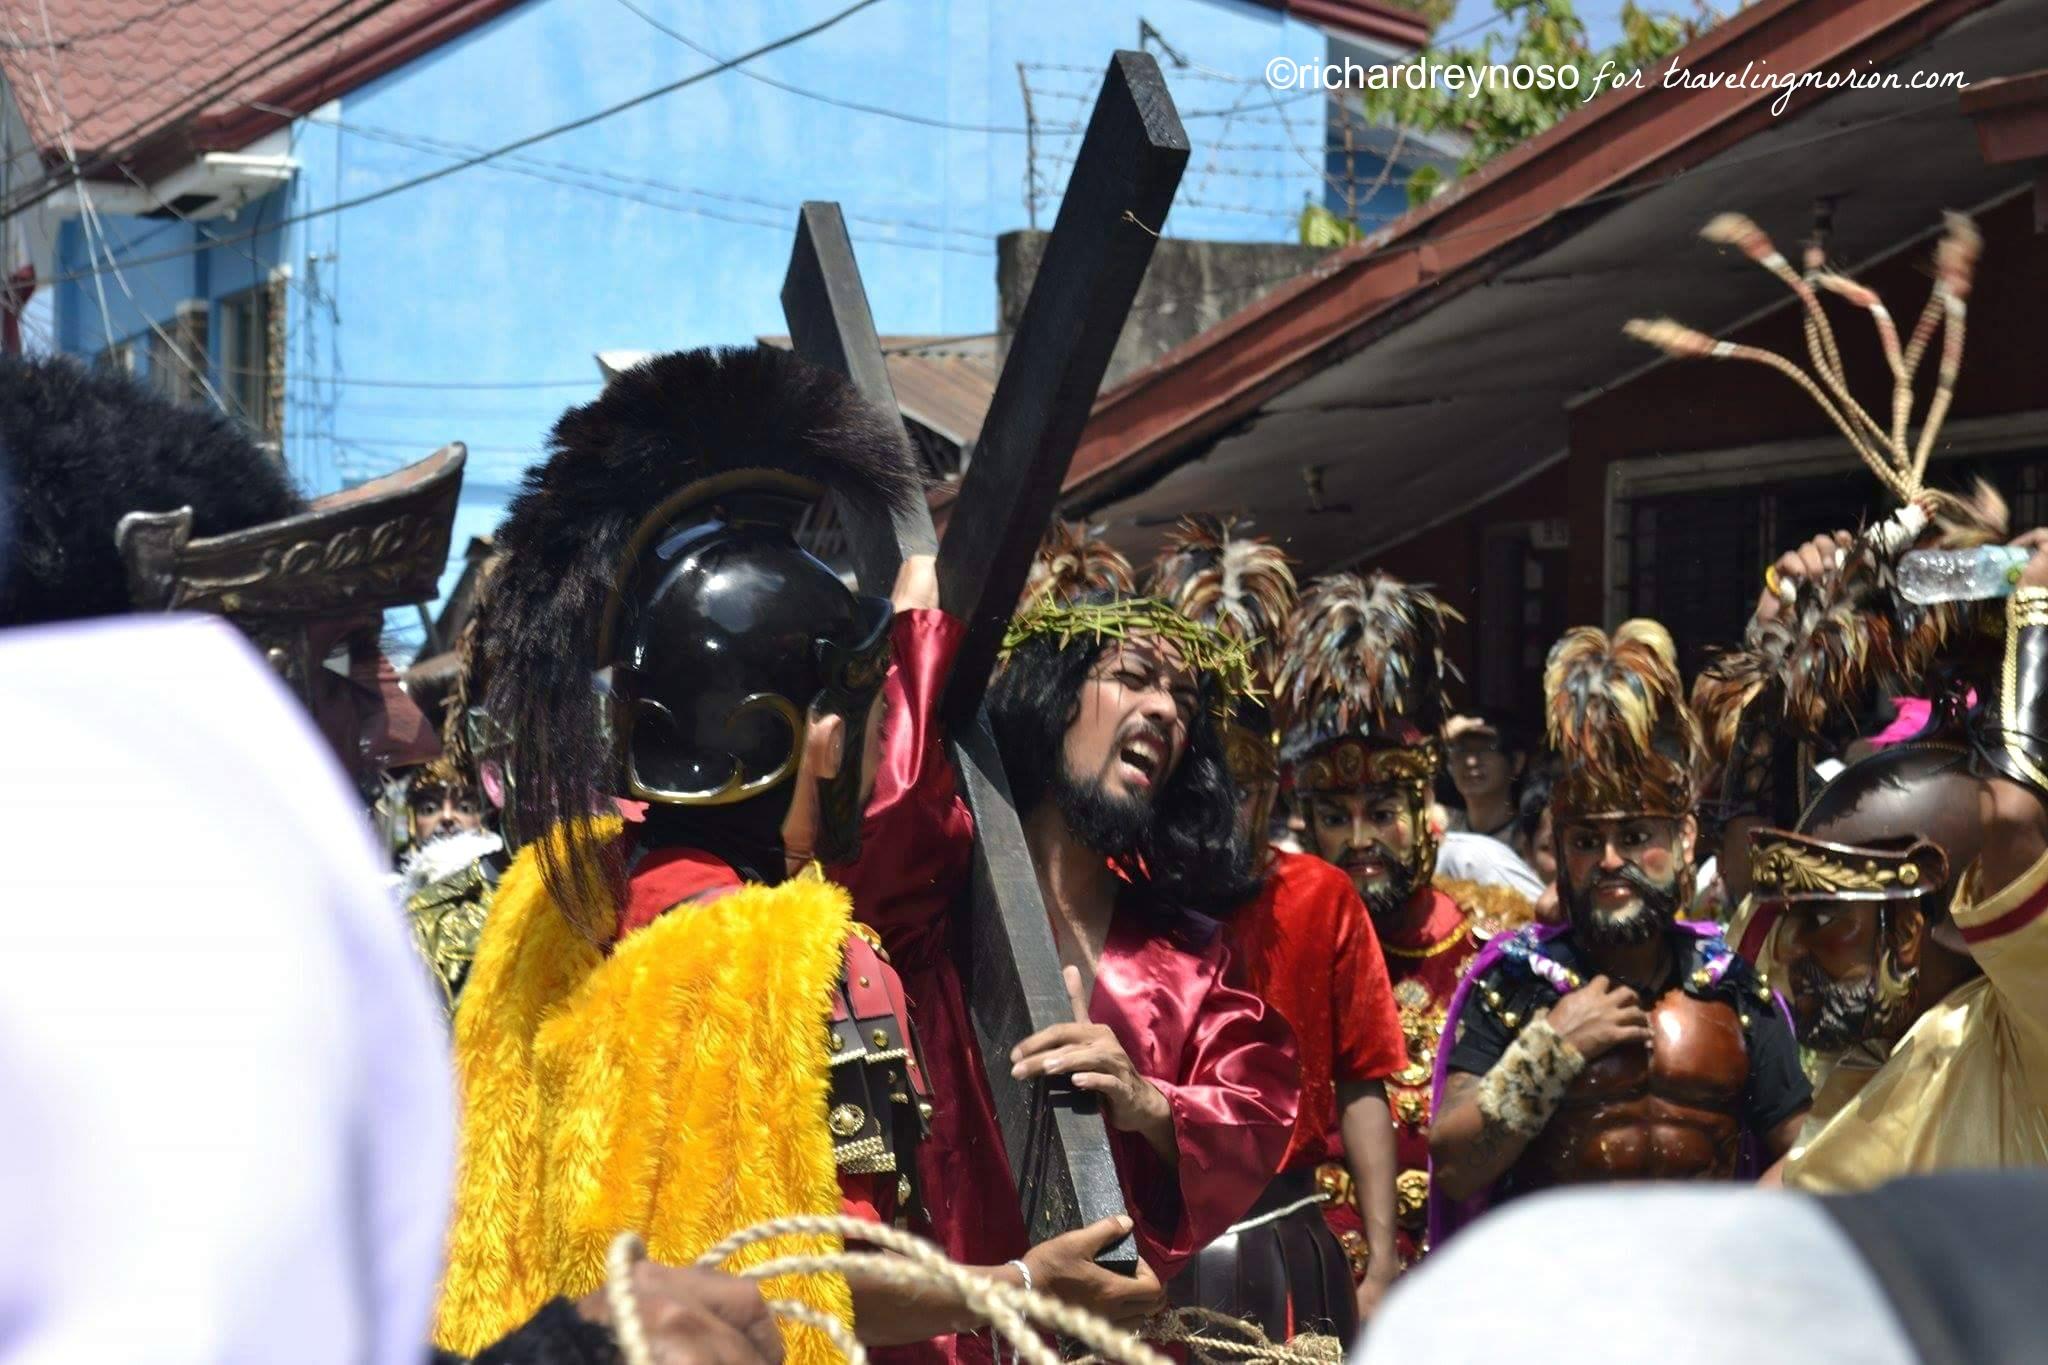 Moriones Festival